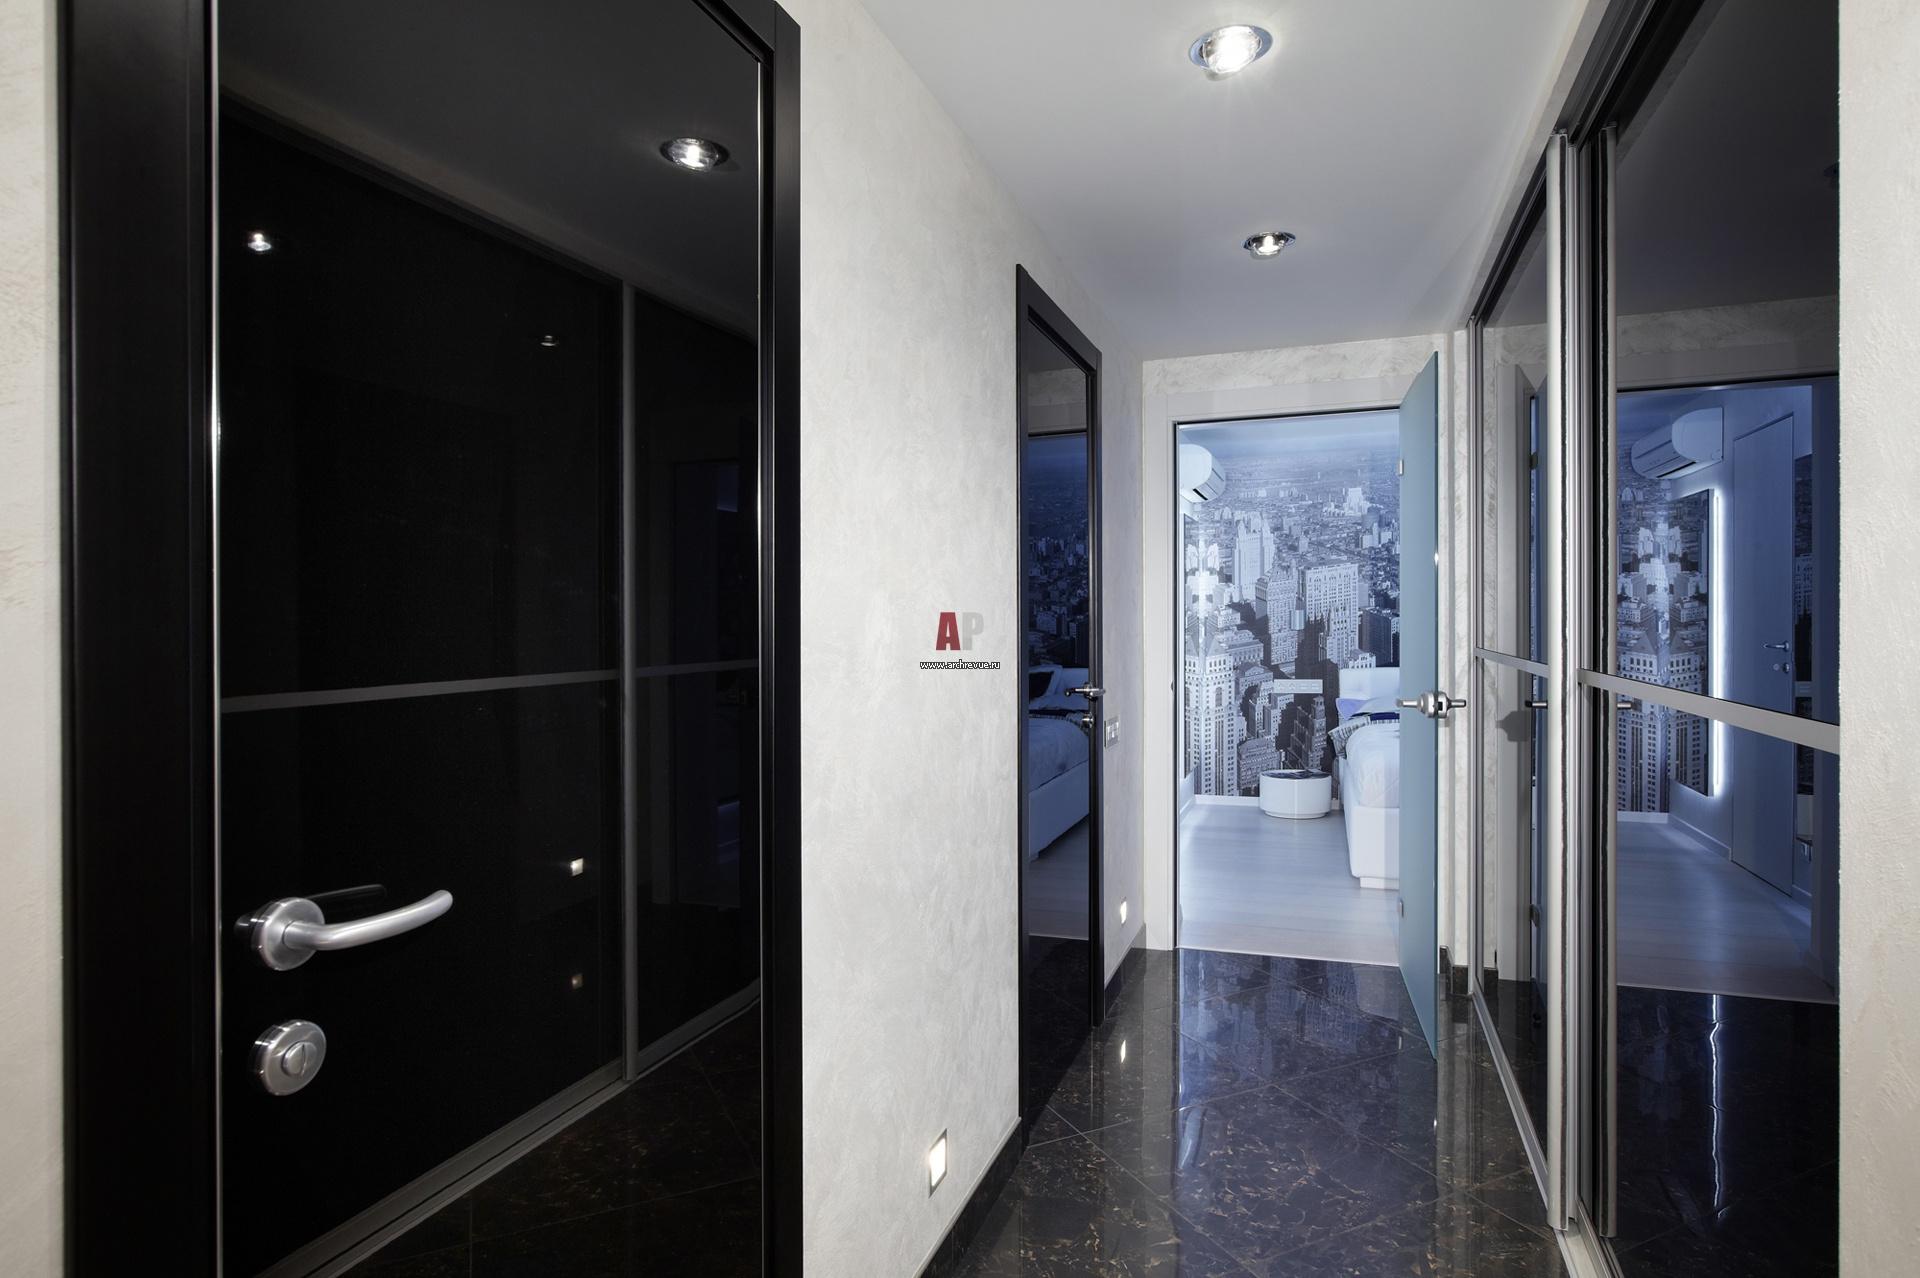 Фото интерьера коридора небольшой квартиры в современном сти.